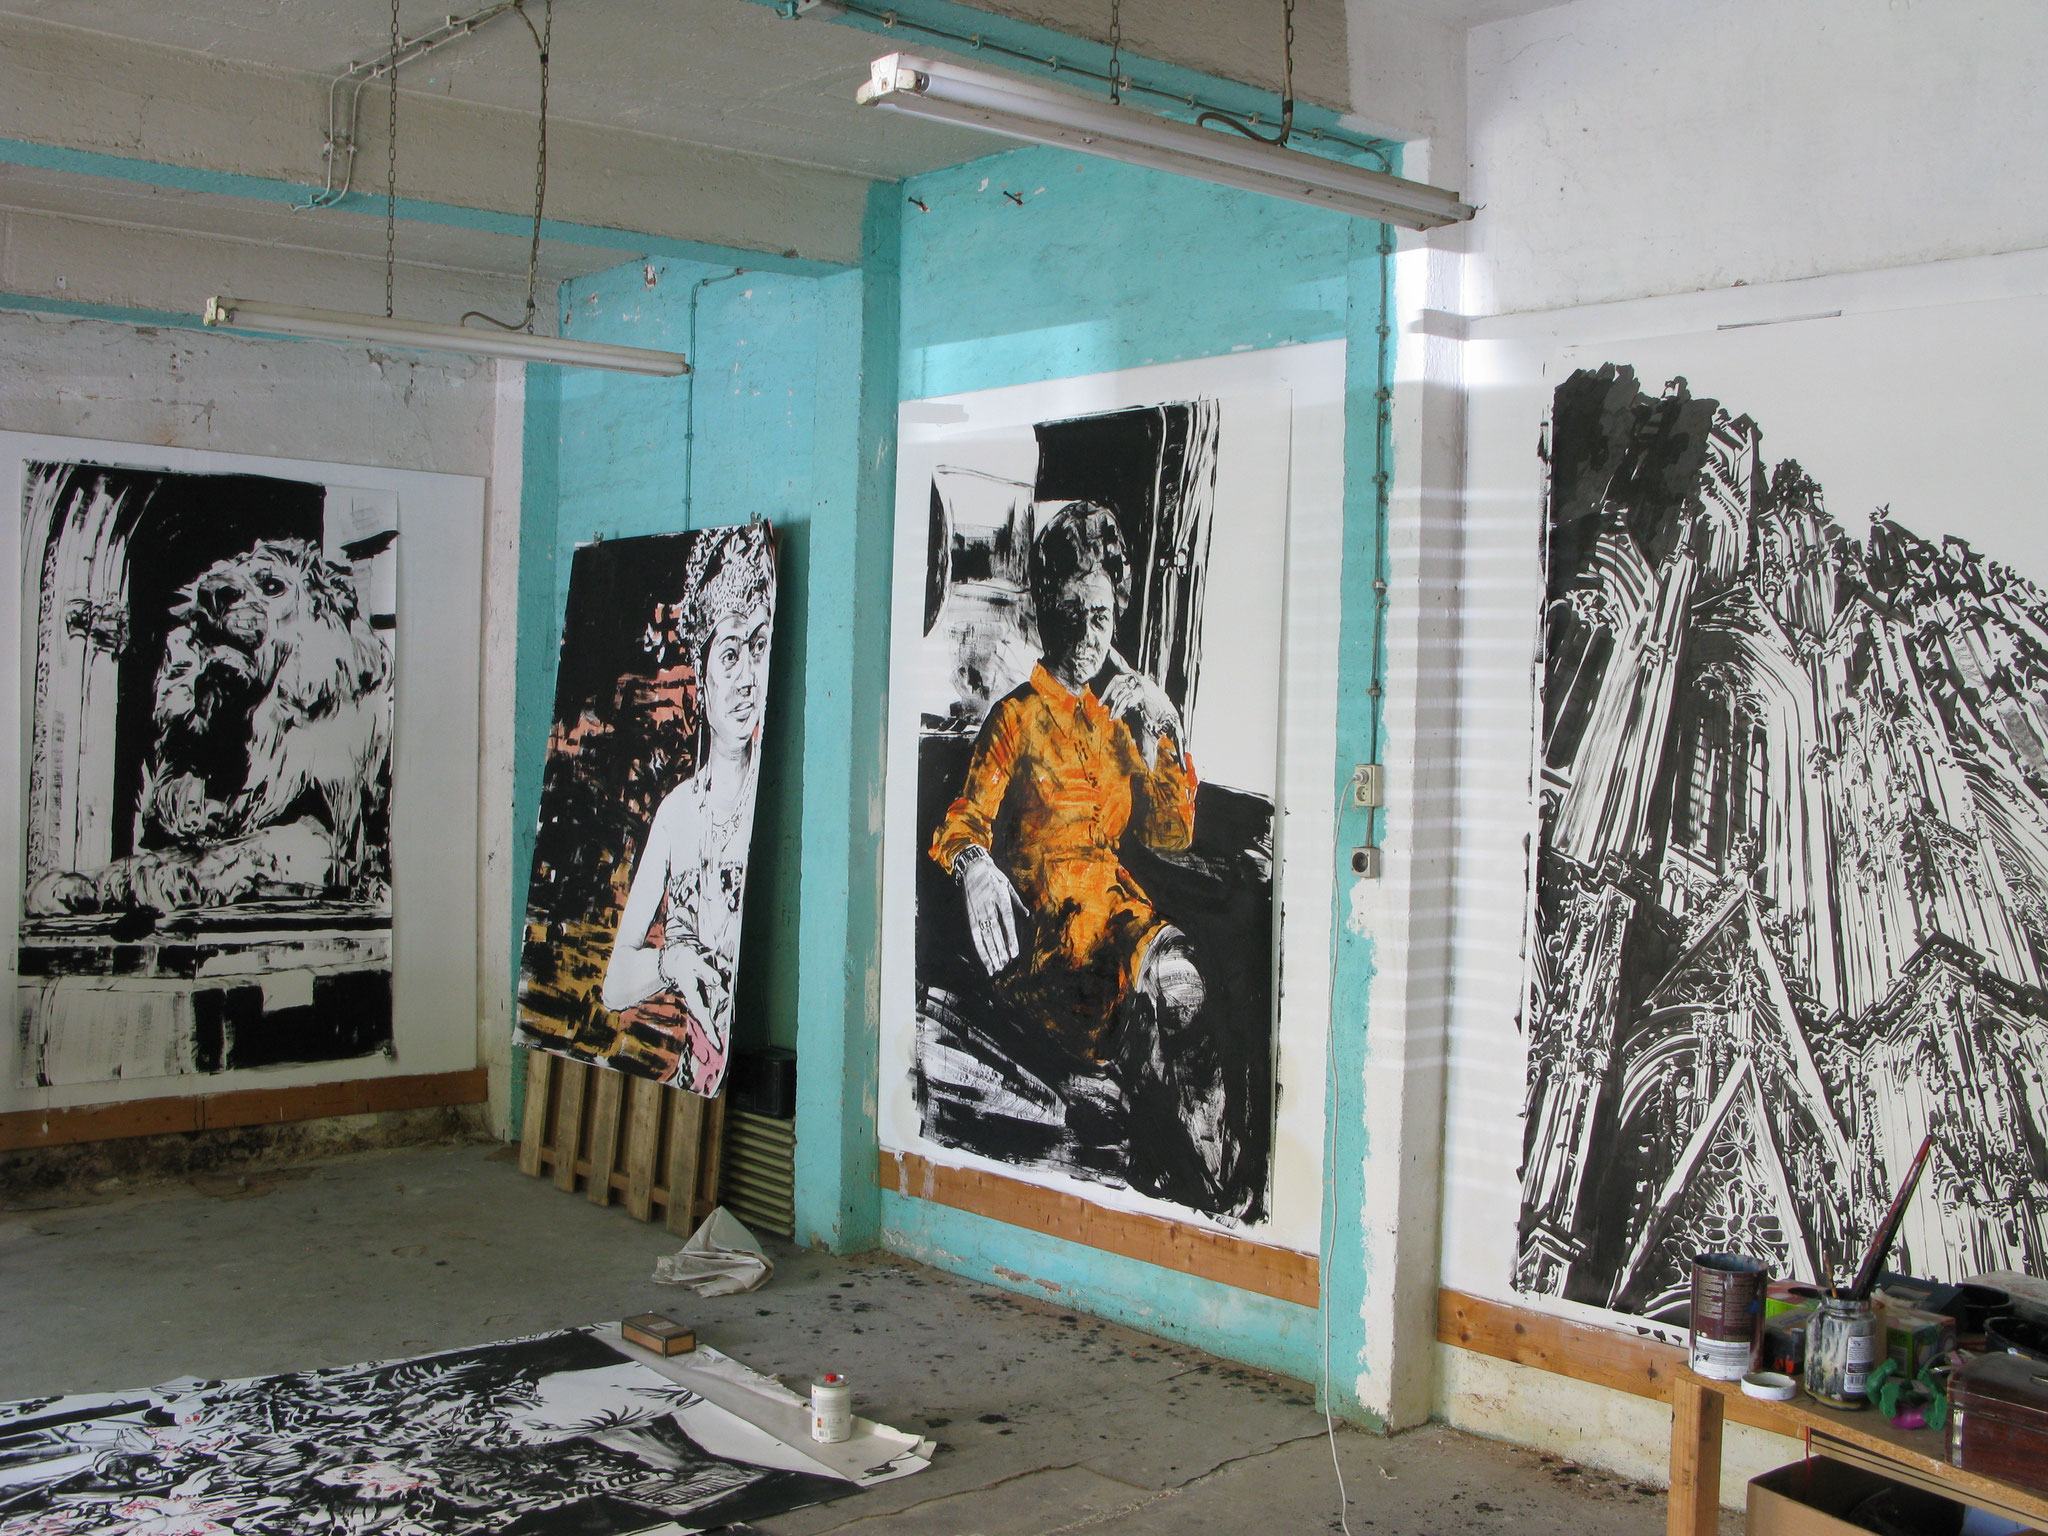 Atelieransicht 2012, Frankfurt am Main